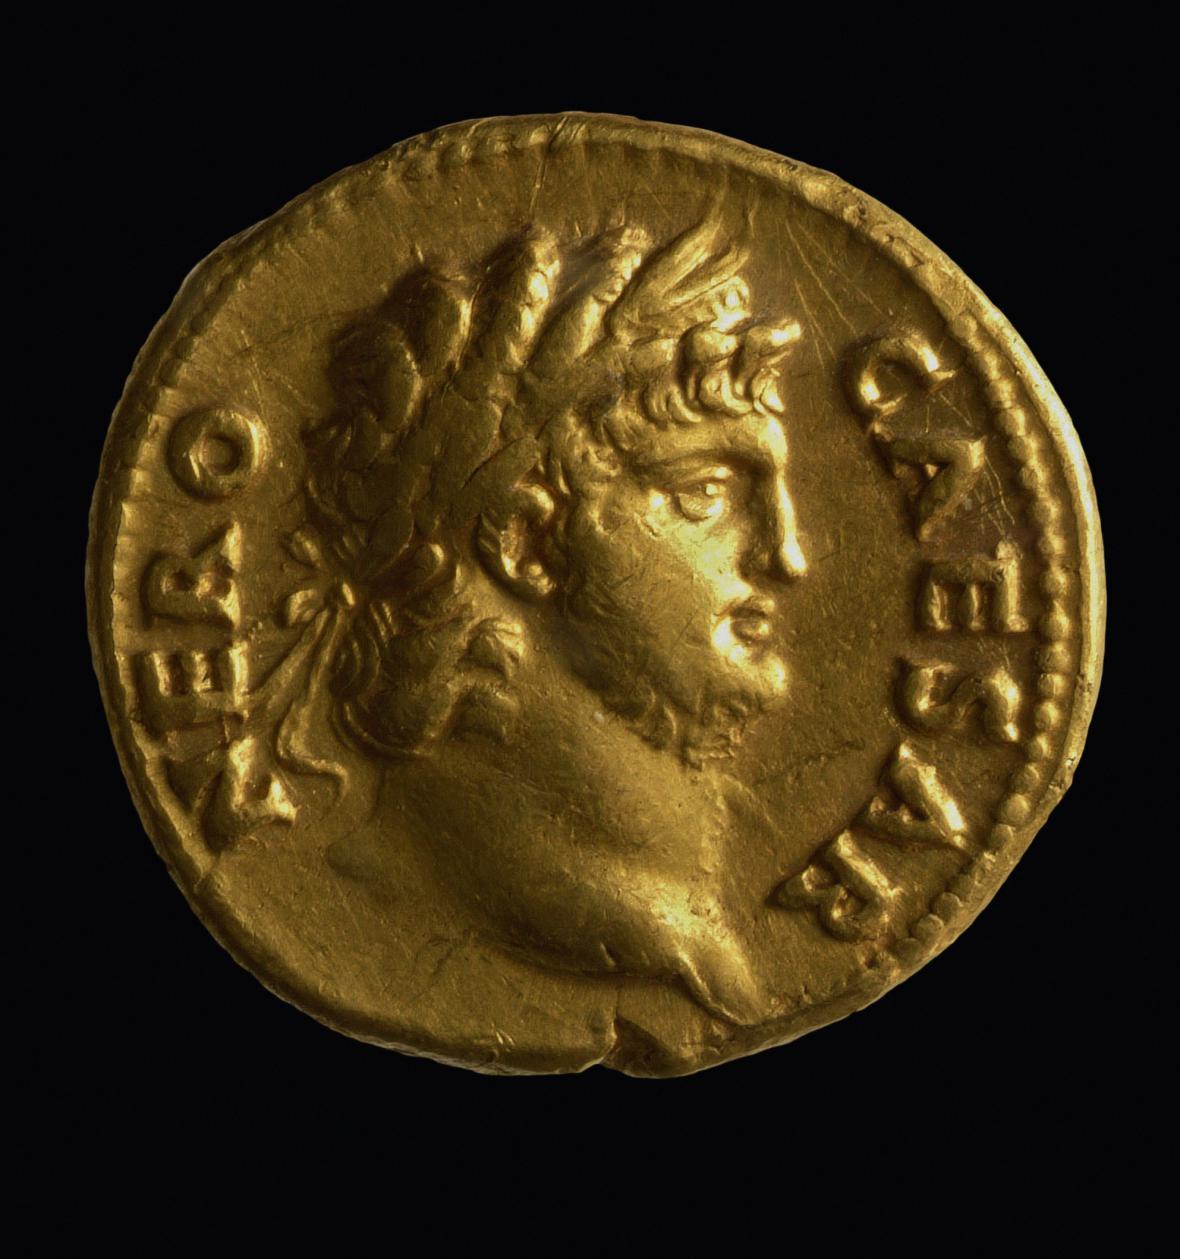 Zlatá mince s portrétem Nera